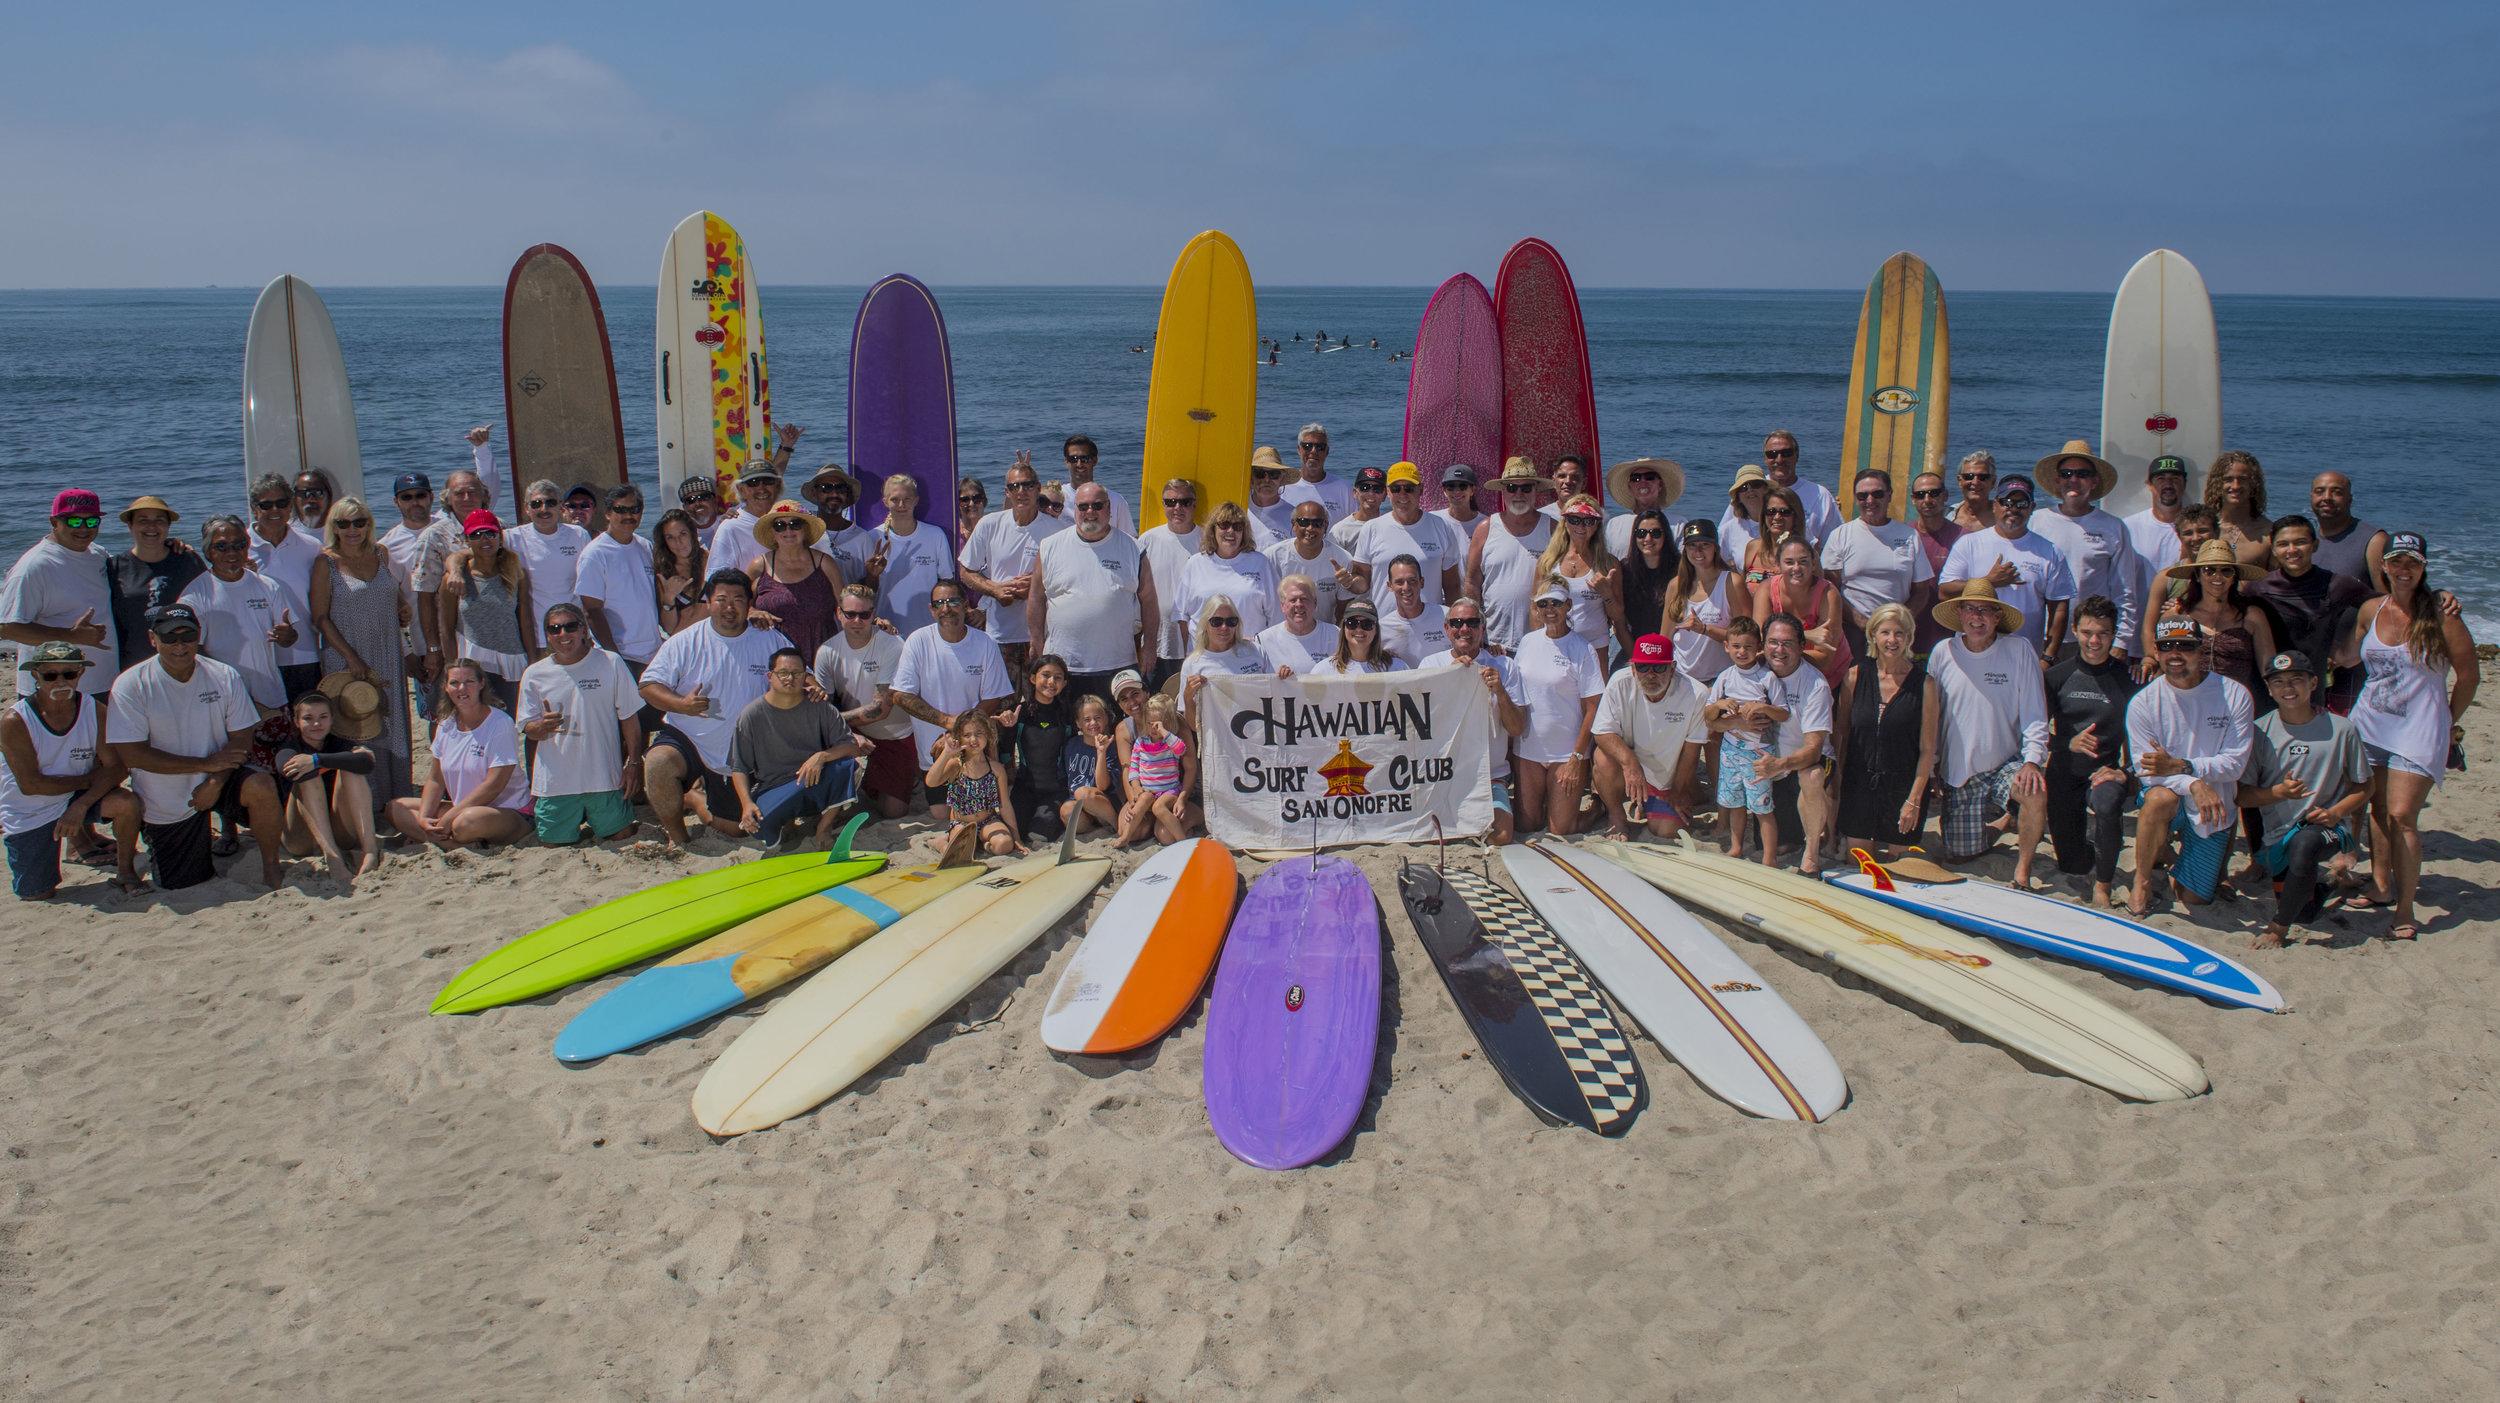 Hawaiian Surf Club 2017.jpg